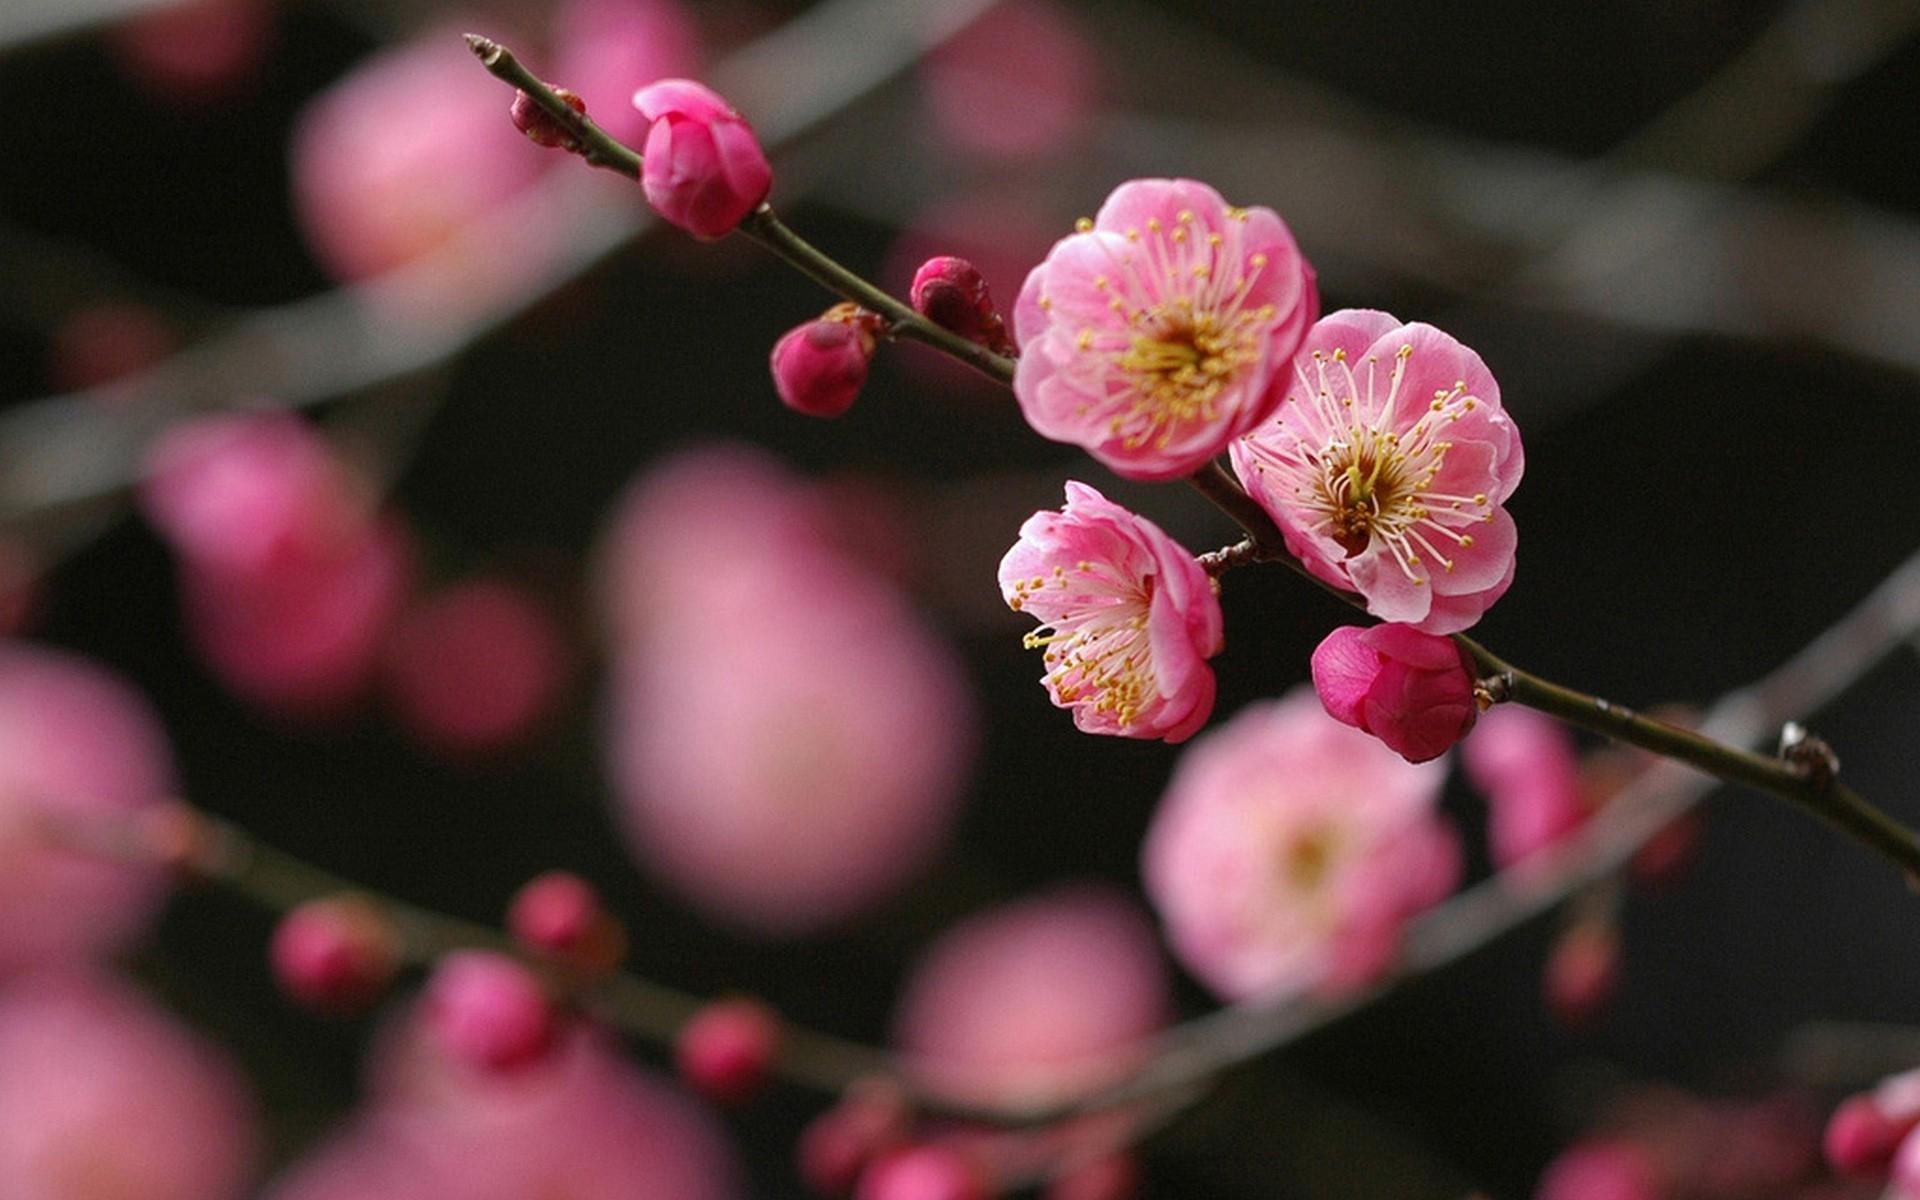 красивая ветка с цветами картинки тест поможет вам